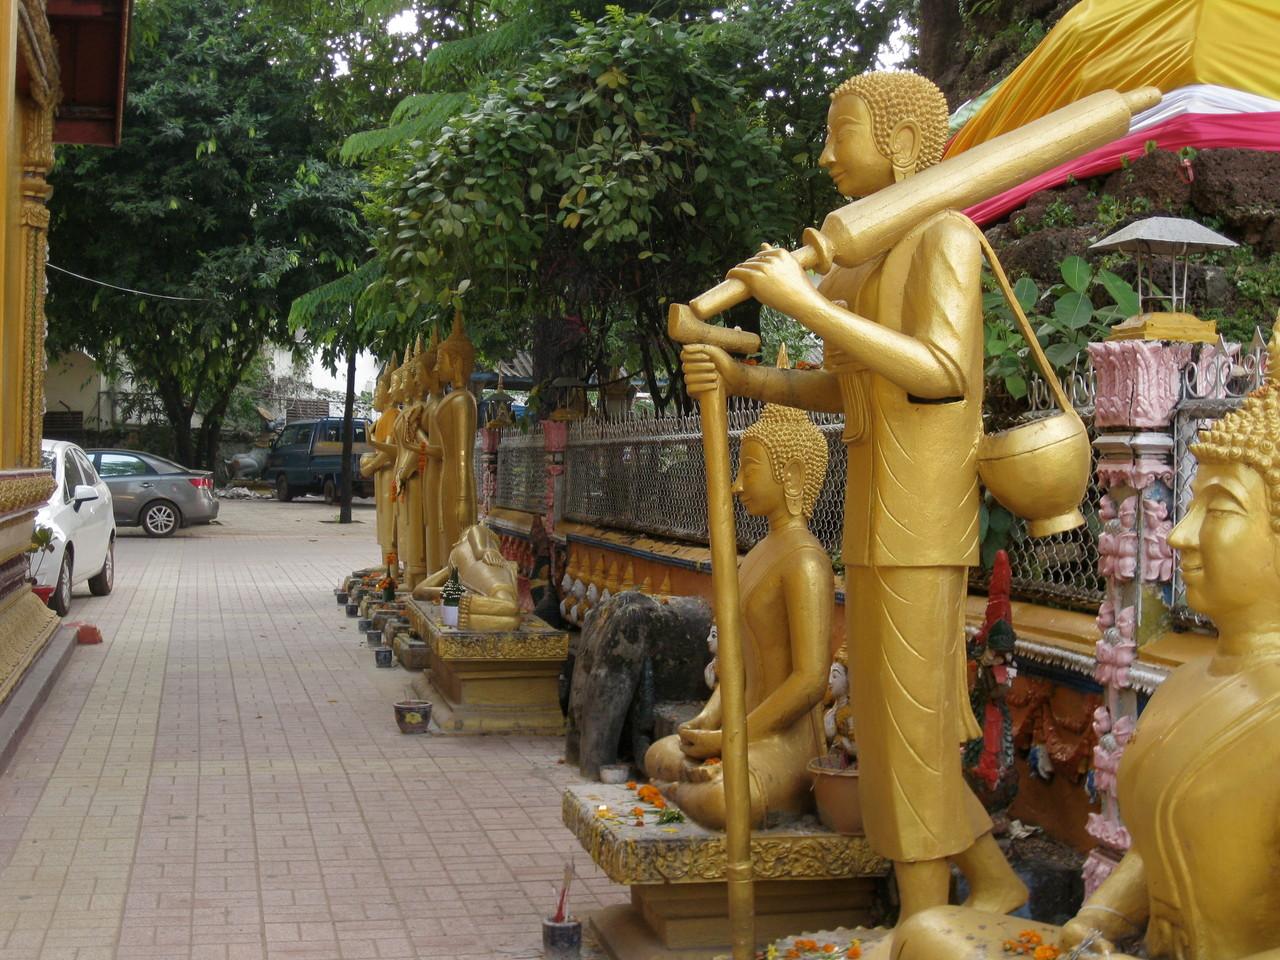 シームアン寺院(だと思う)。ここはなかなか個性あるものがたくさん見れました。